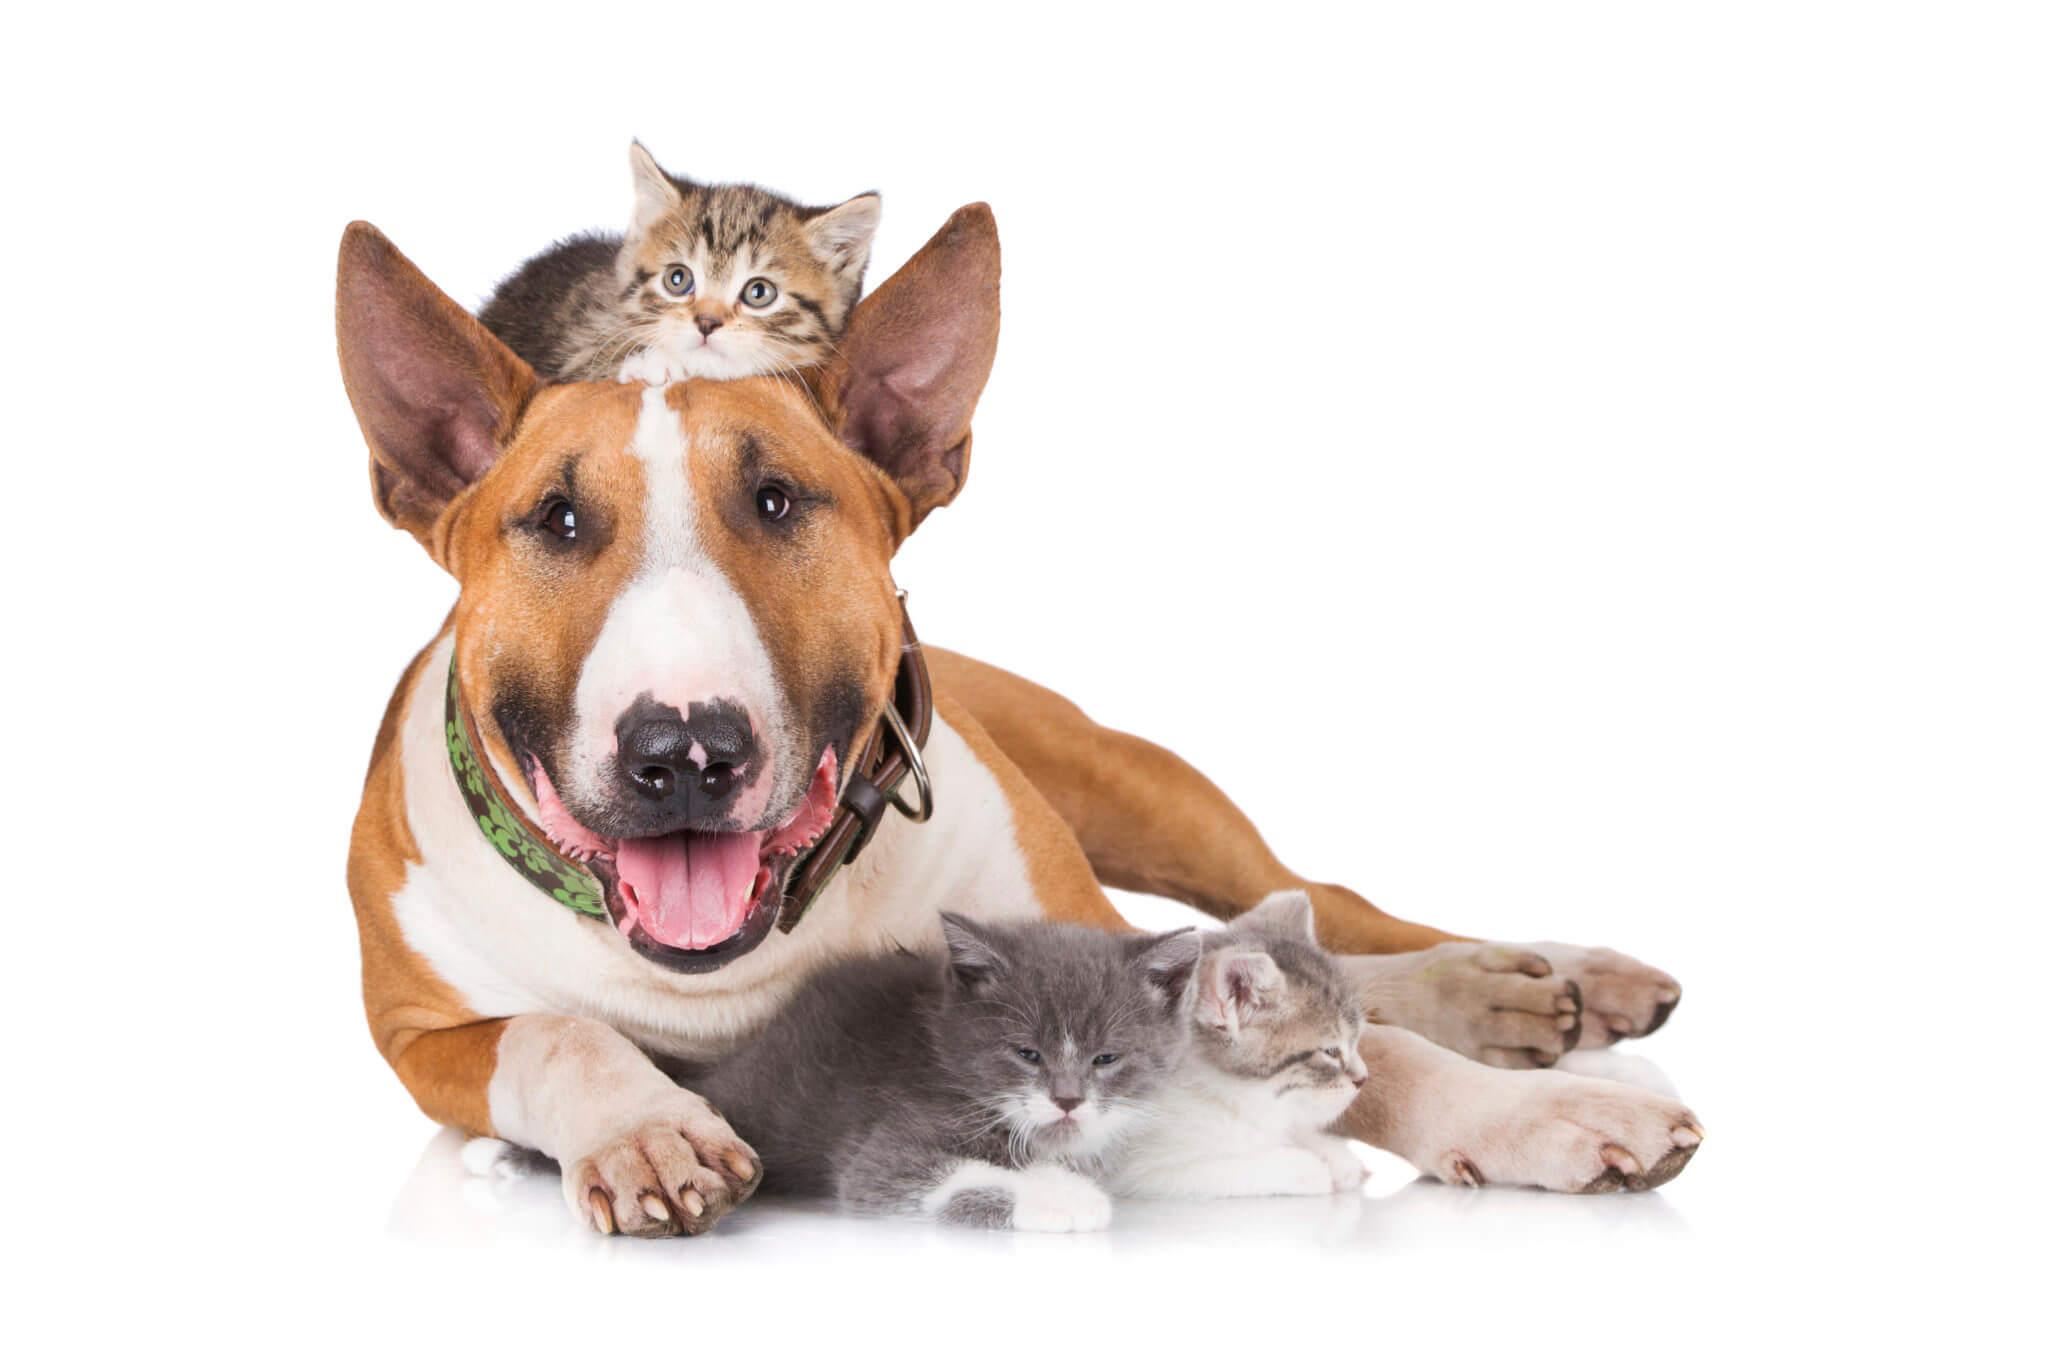 bull terrier with kittens